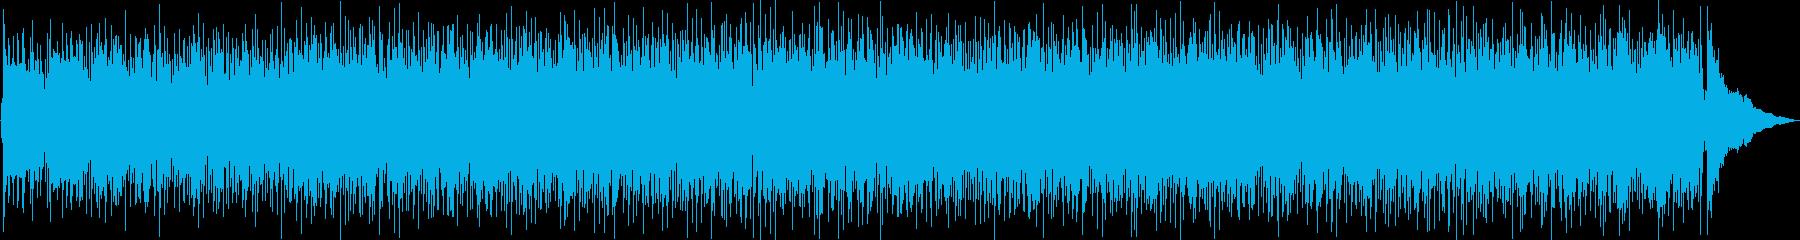 明るく高揚するビンテージロックンロールミの再生済みの波形